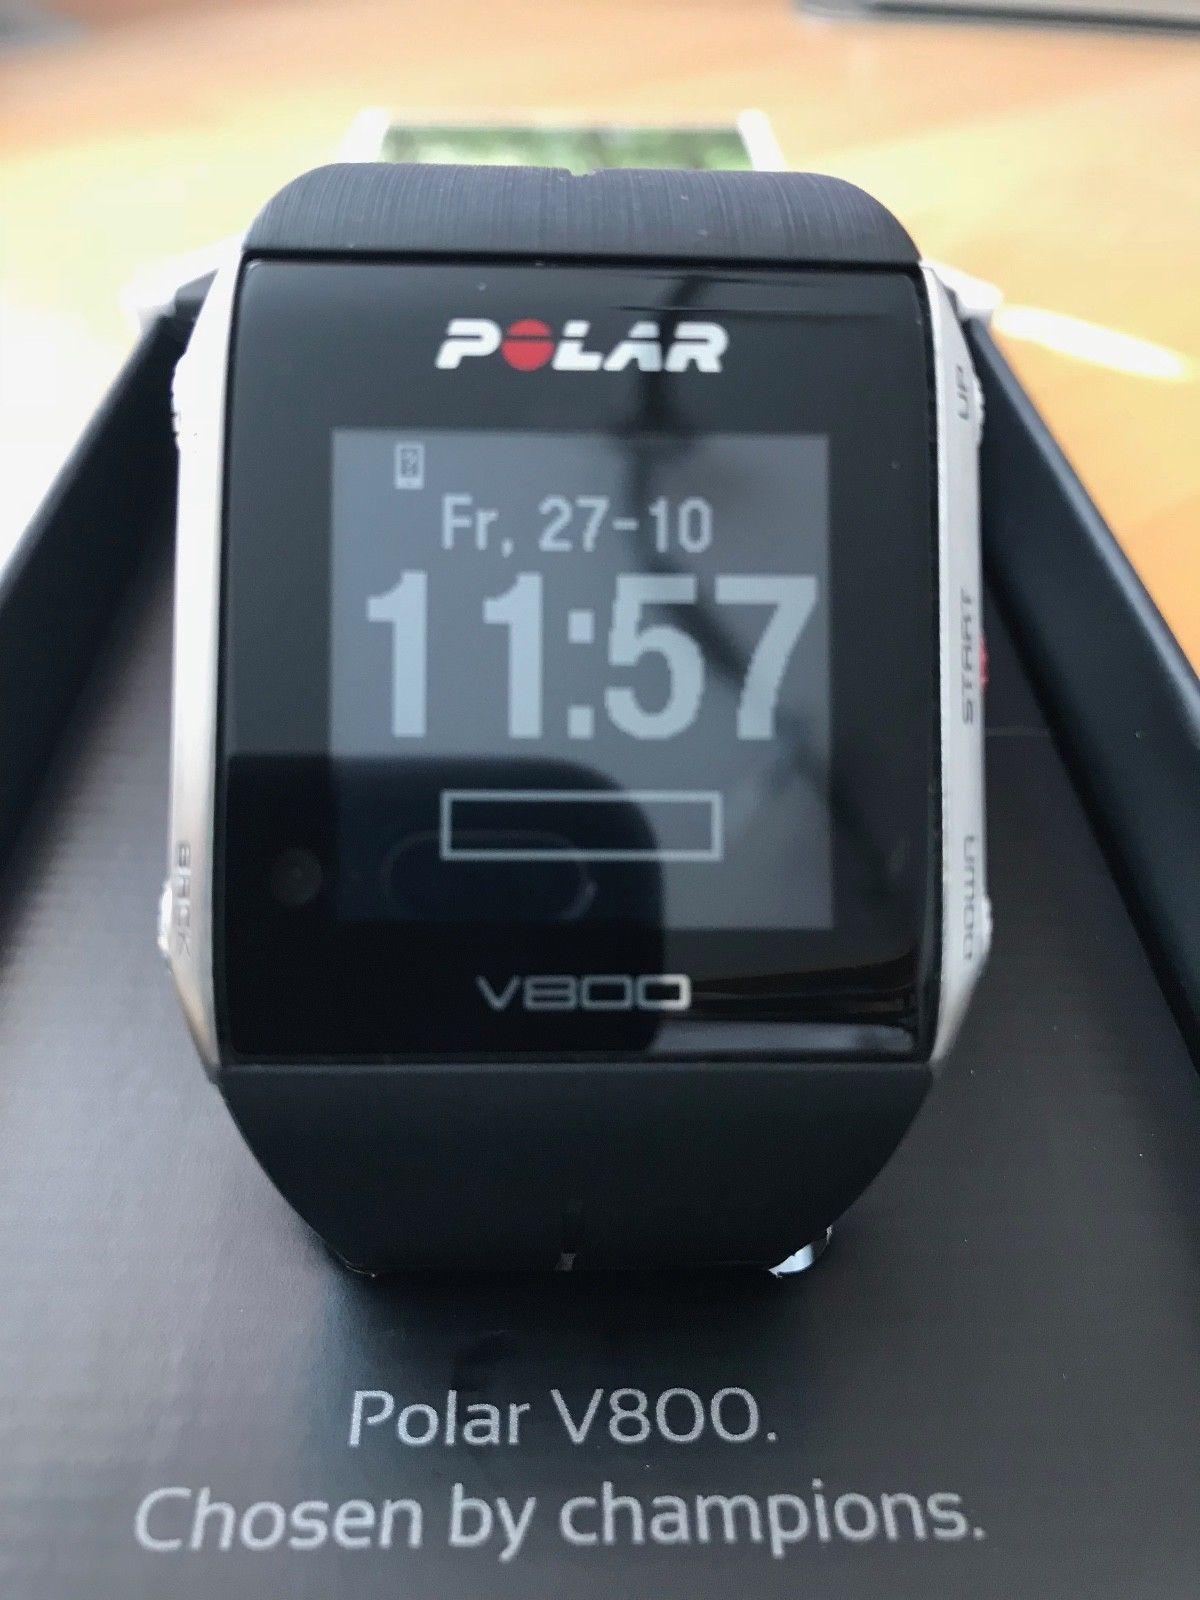 Polar V800 GPS Sportuhr Schwarz OVP  wie NEU div. Zubehör 2 Ladekabel Halterung